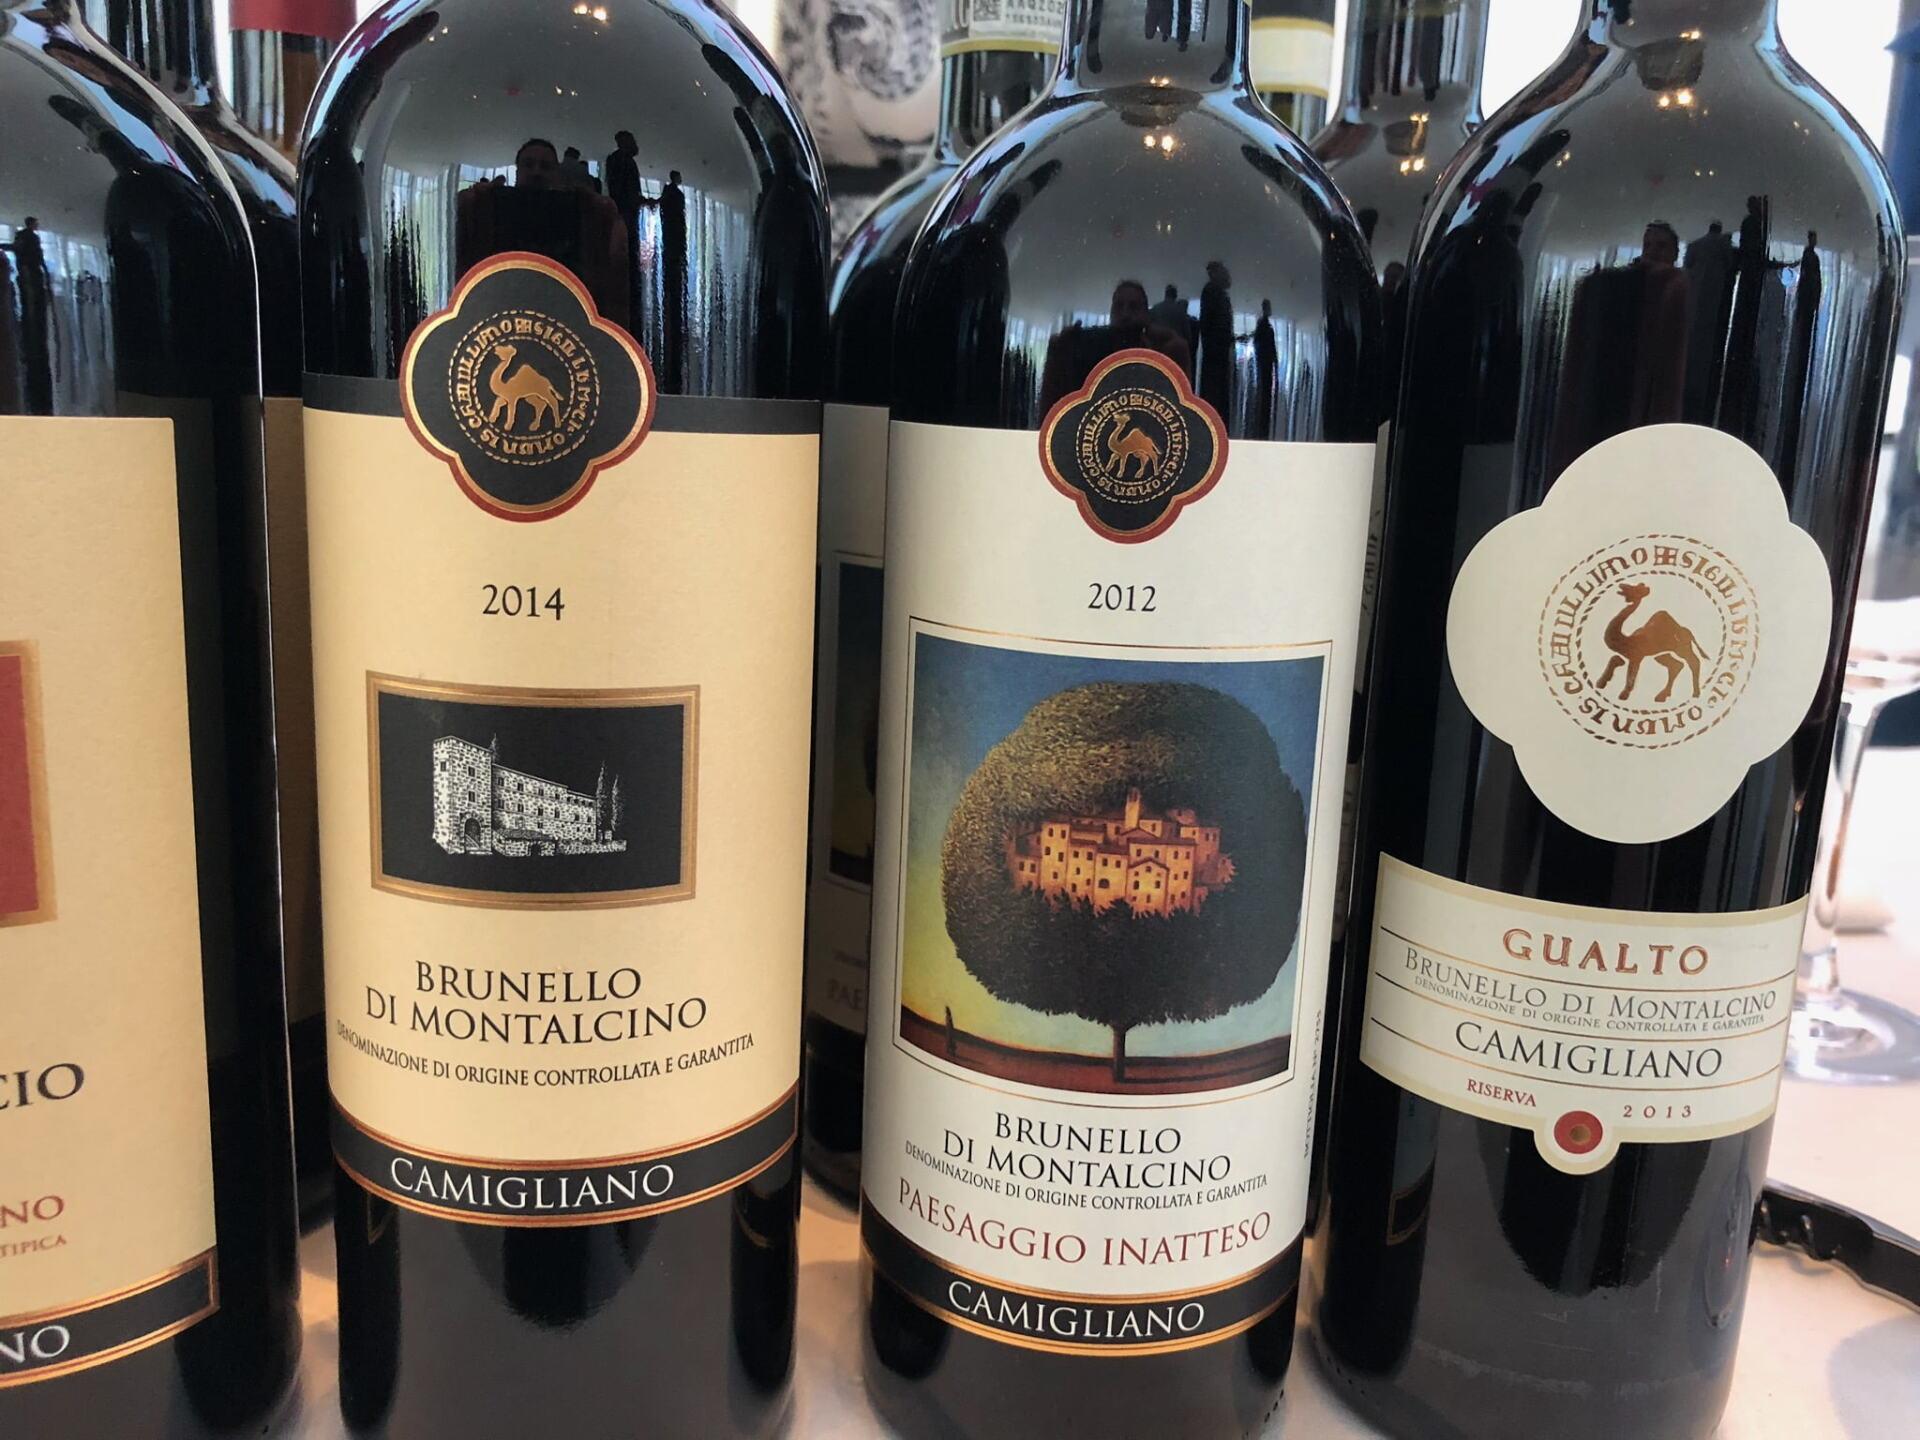 Bottles of Brunello